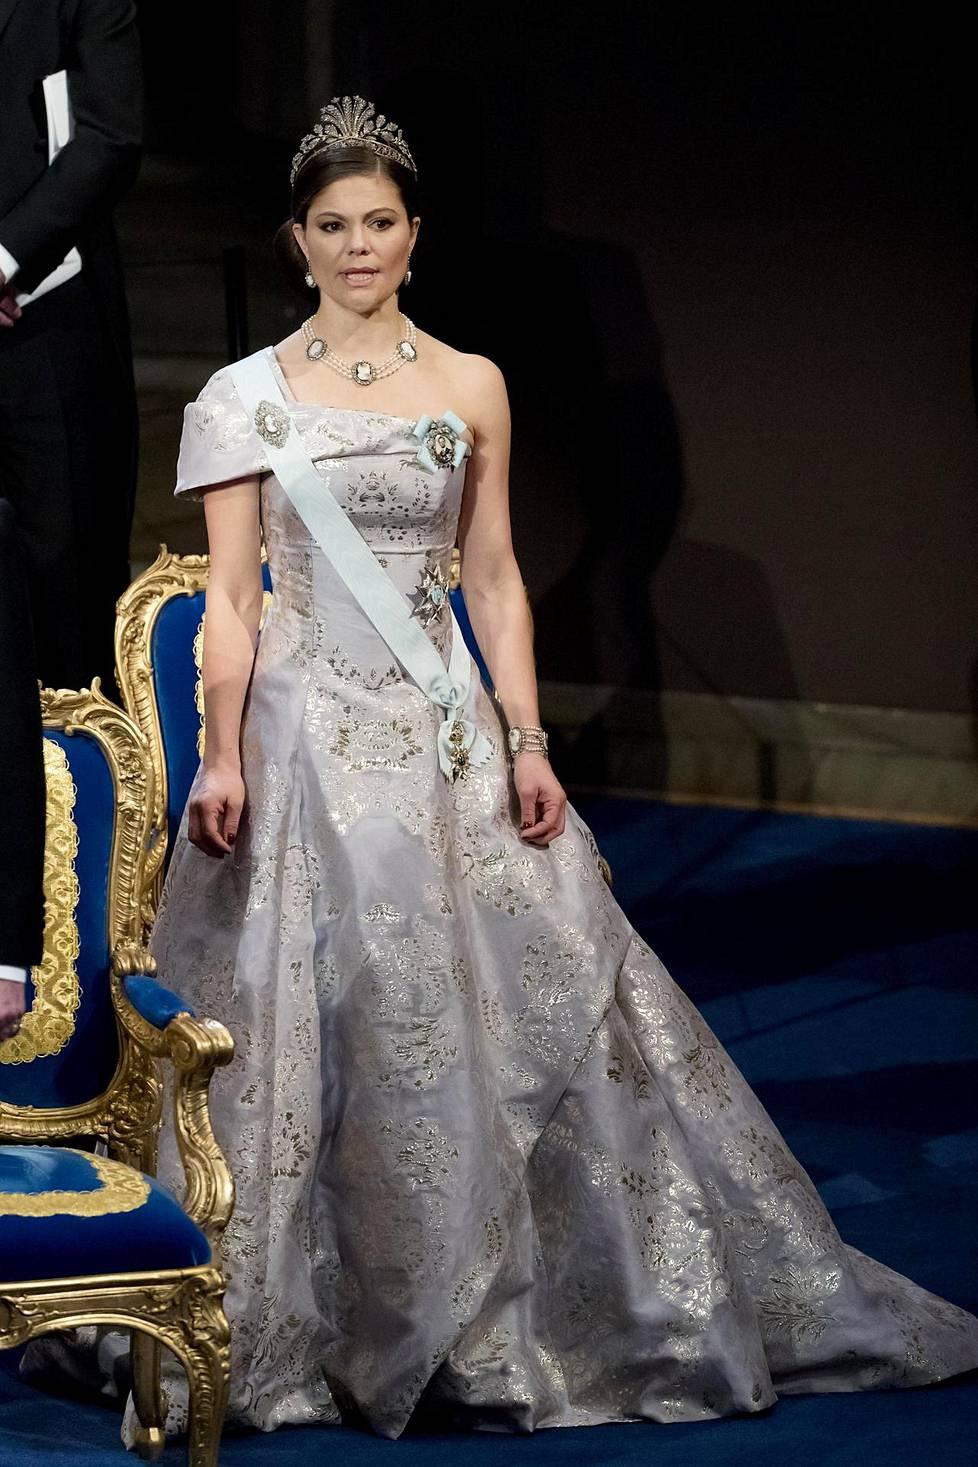 Kruununprinsessa suosi vuonna 2016 rauhallista värimaailmaa.